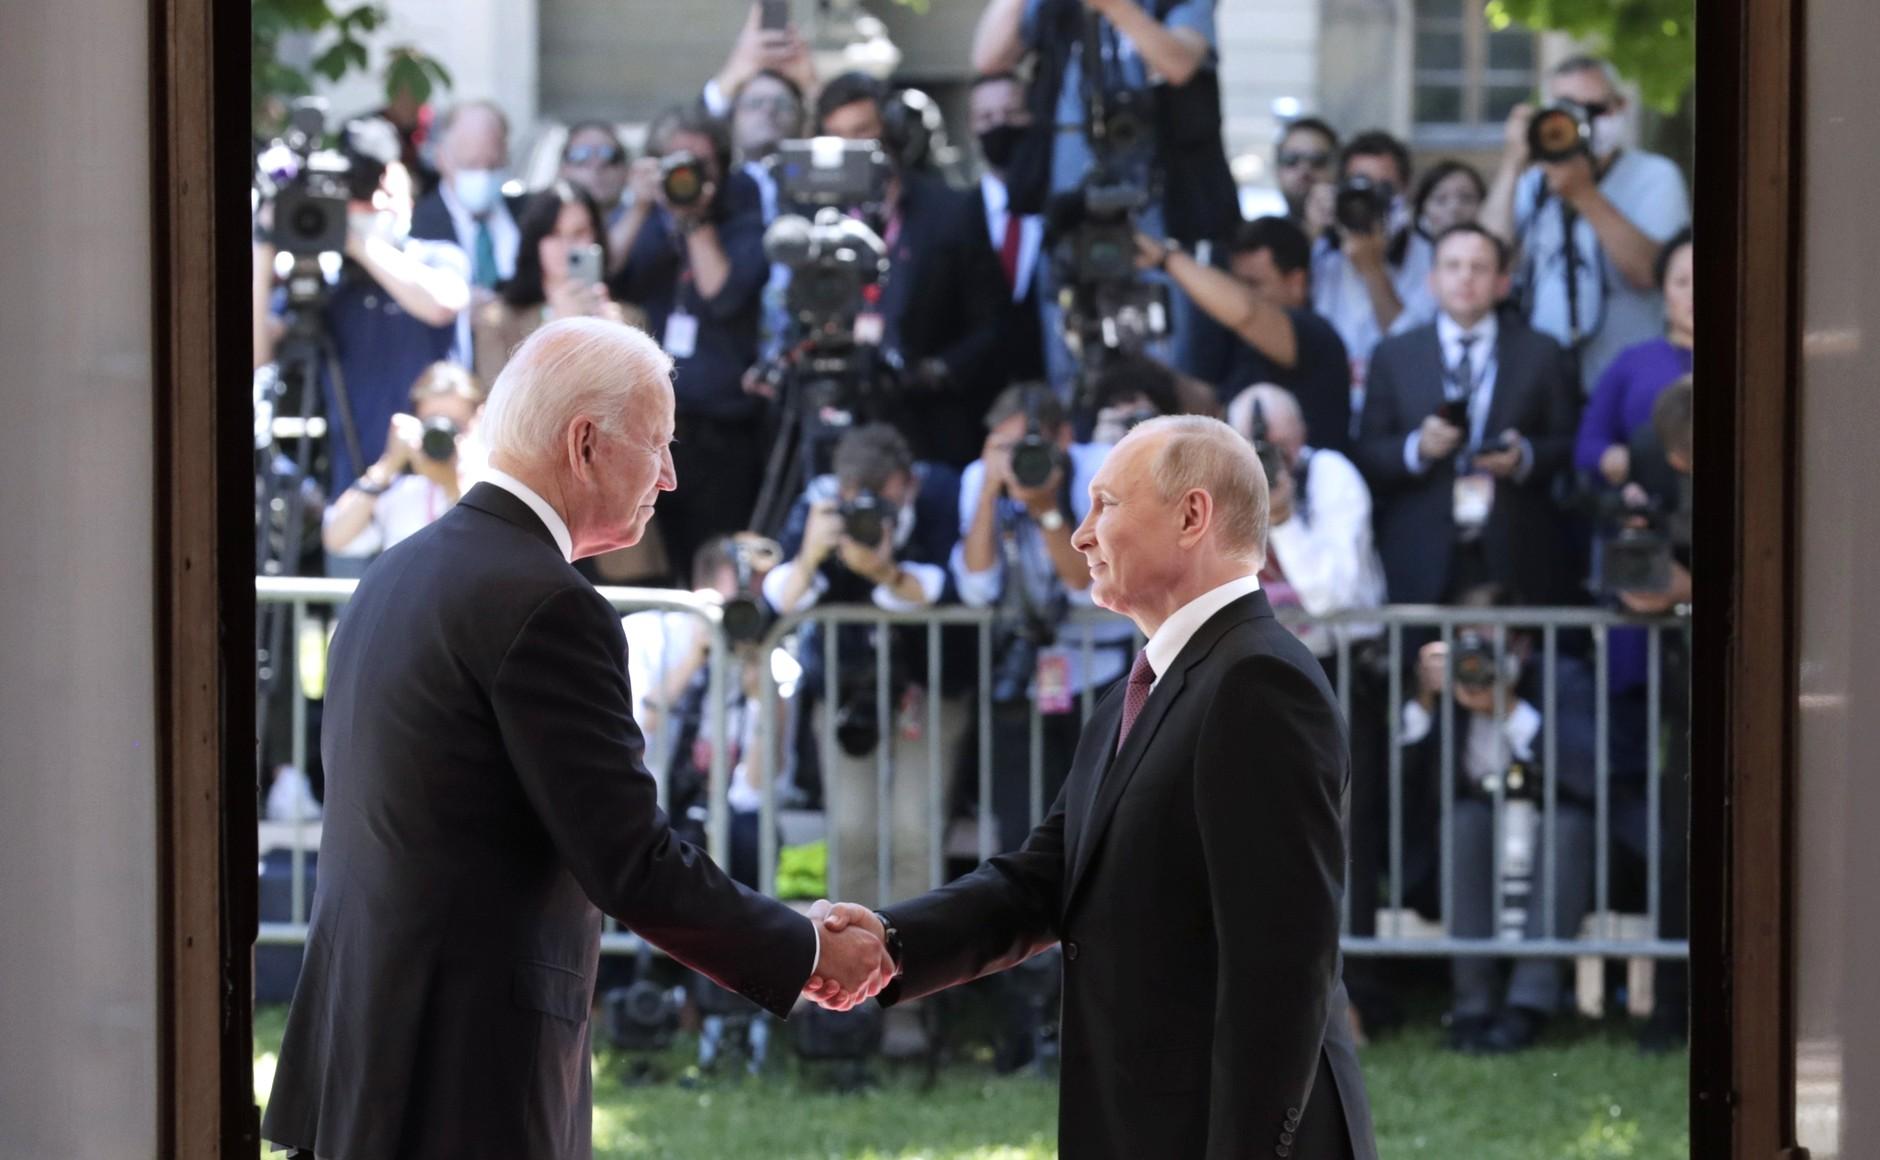 RUSSIE USA 6 X 16 Avec le président des États-Unis d'Amérique Joseph Biden avant les pourparlers russo-américains. Photo TASS